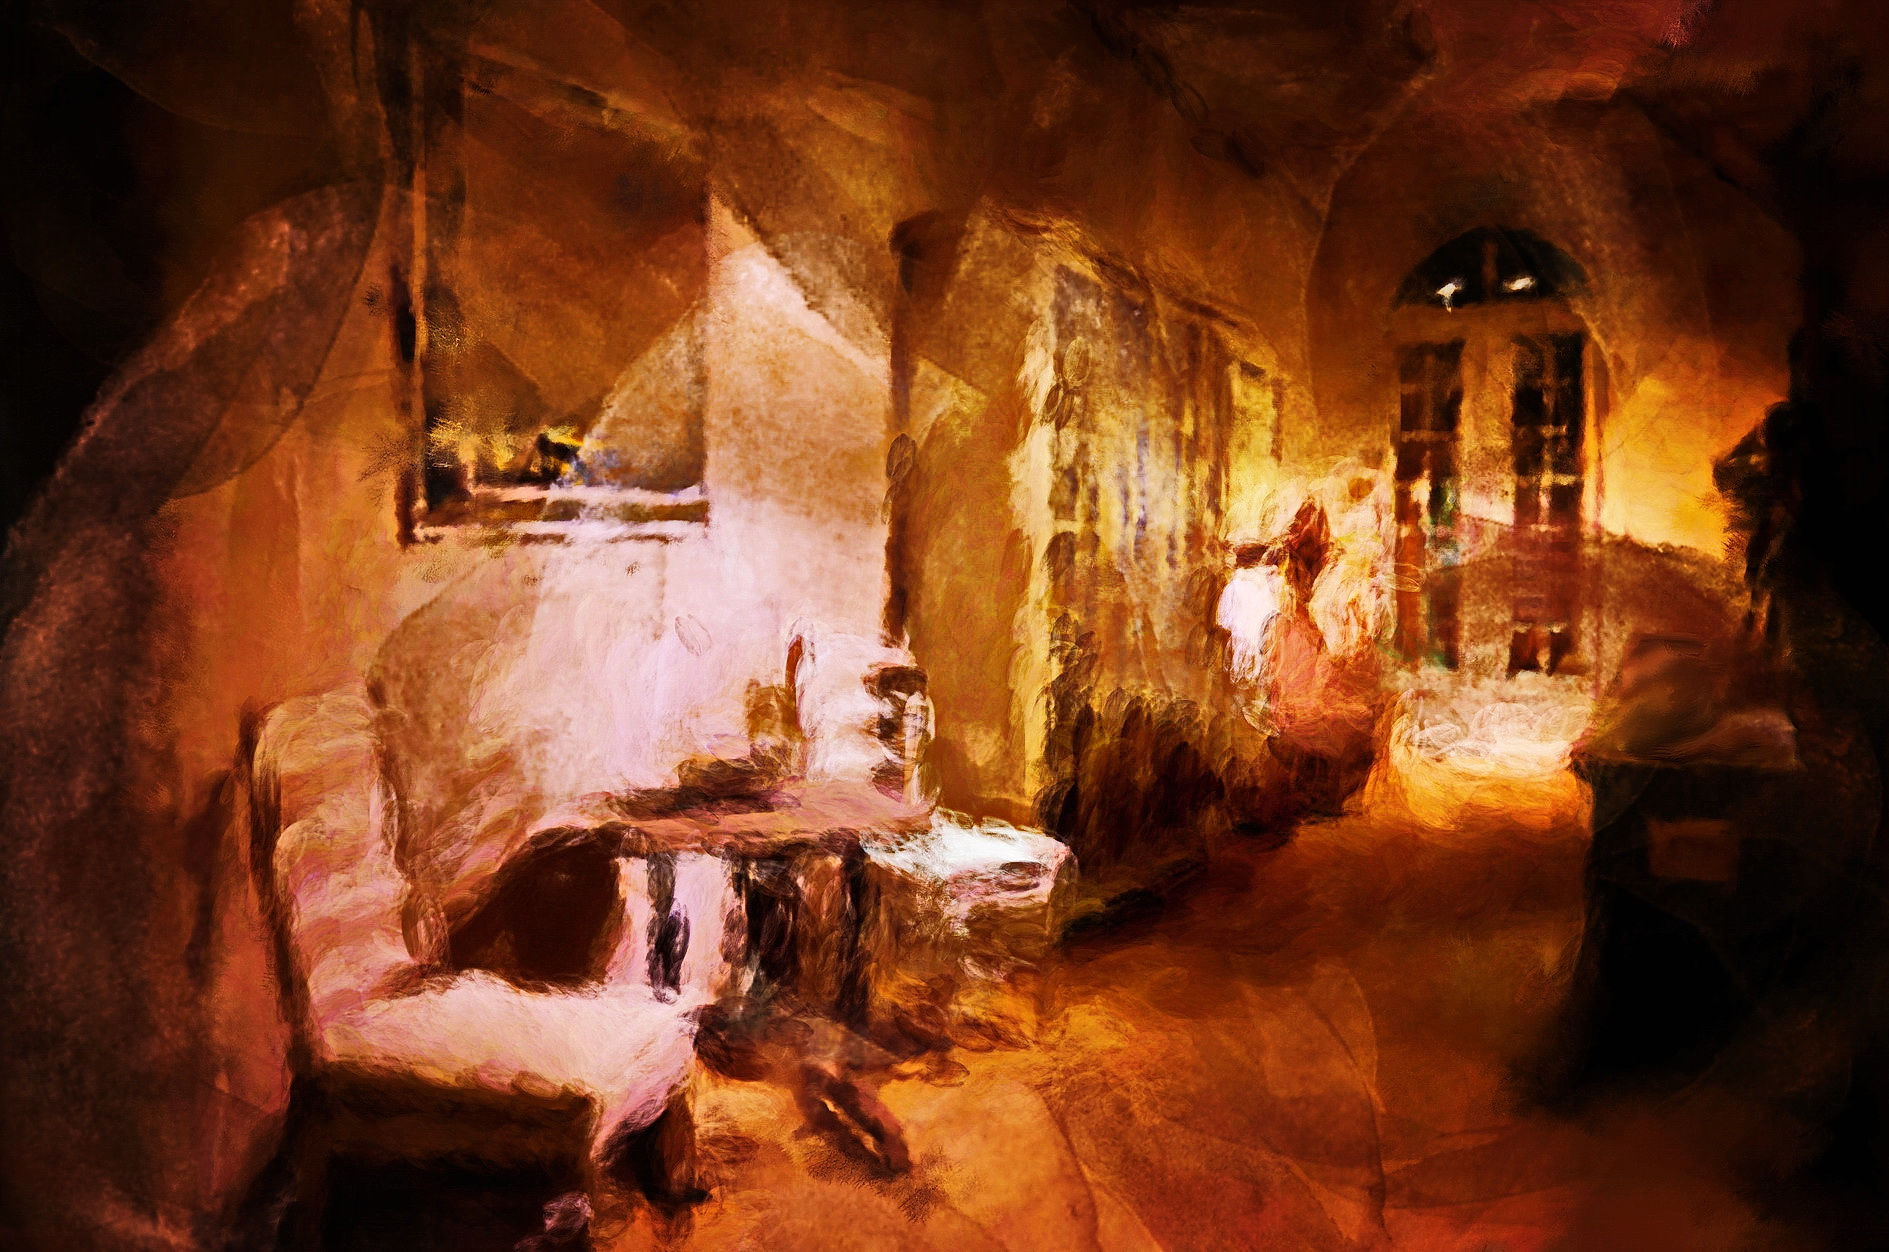 Schilderij door kunstenaar laurevandemeele, Flamant Home inspiratie